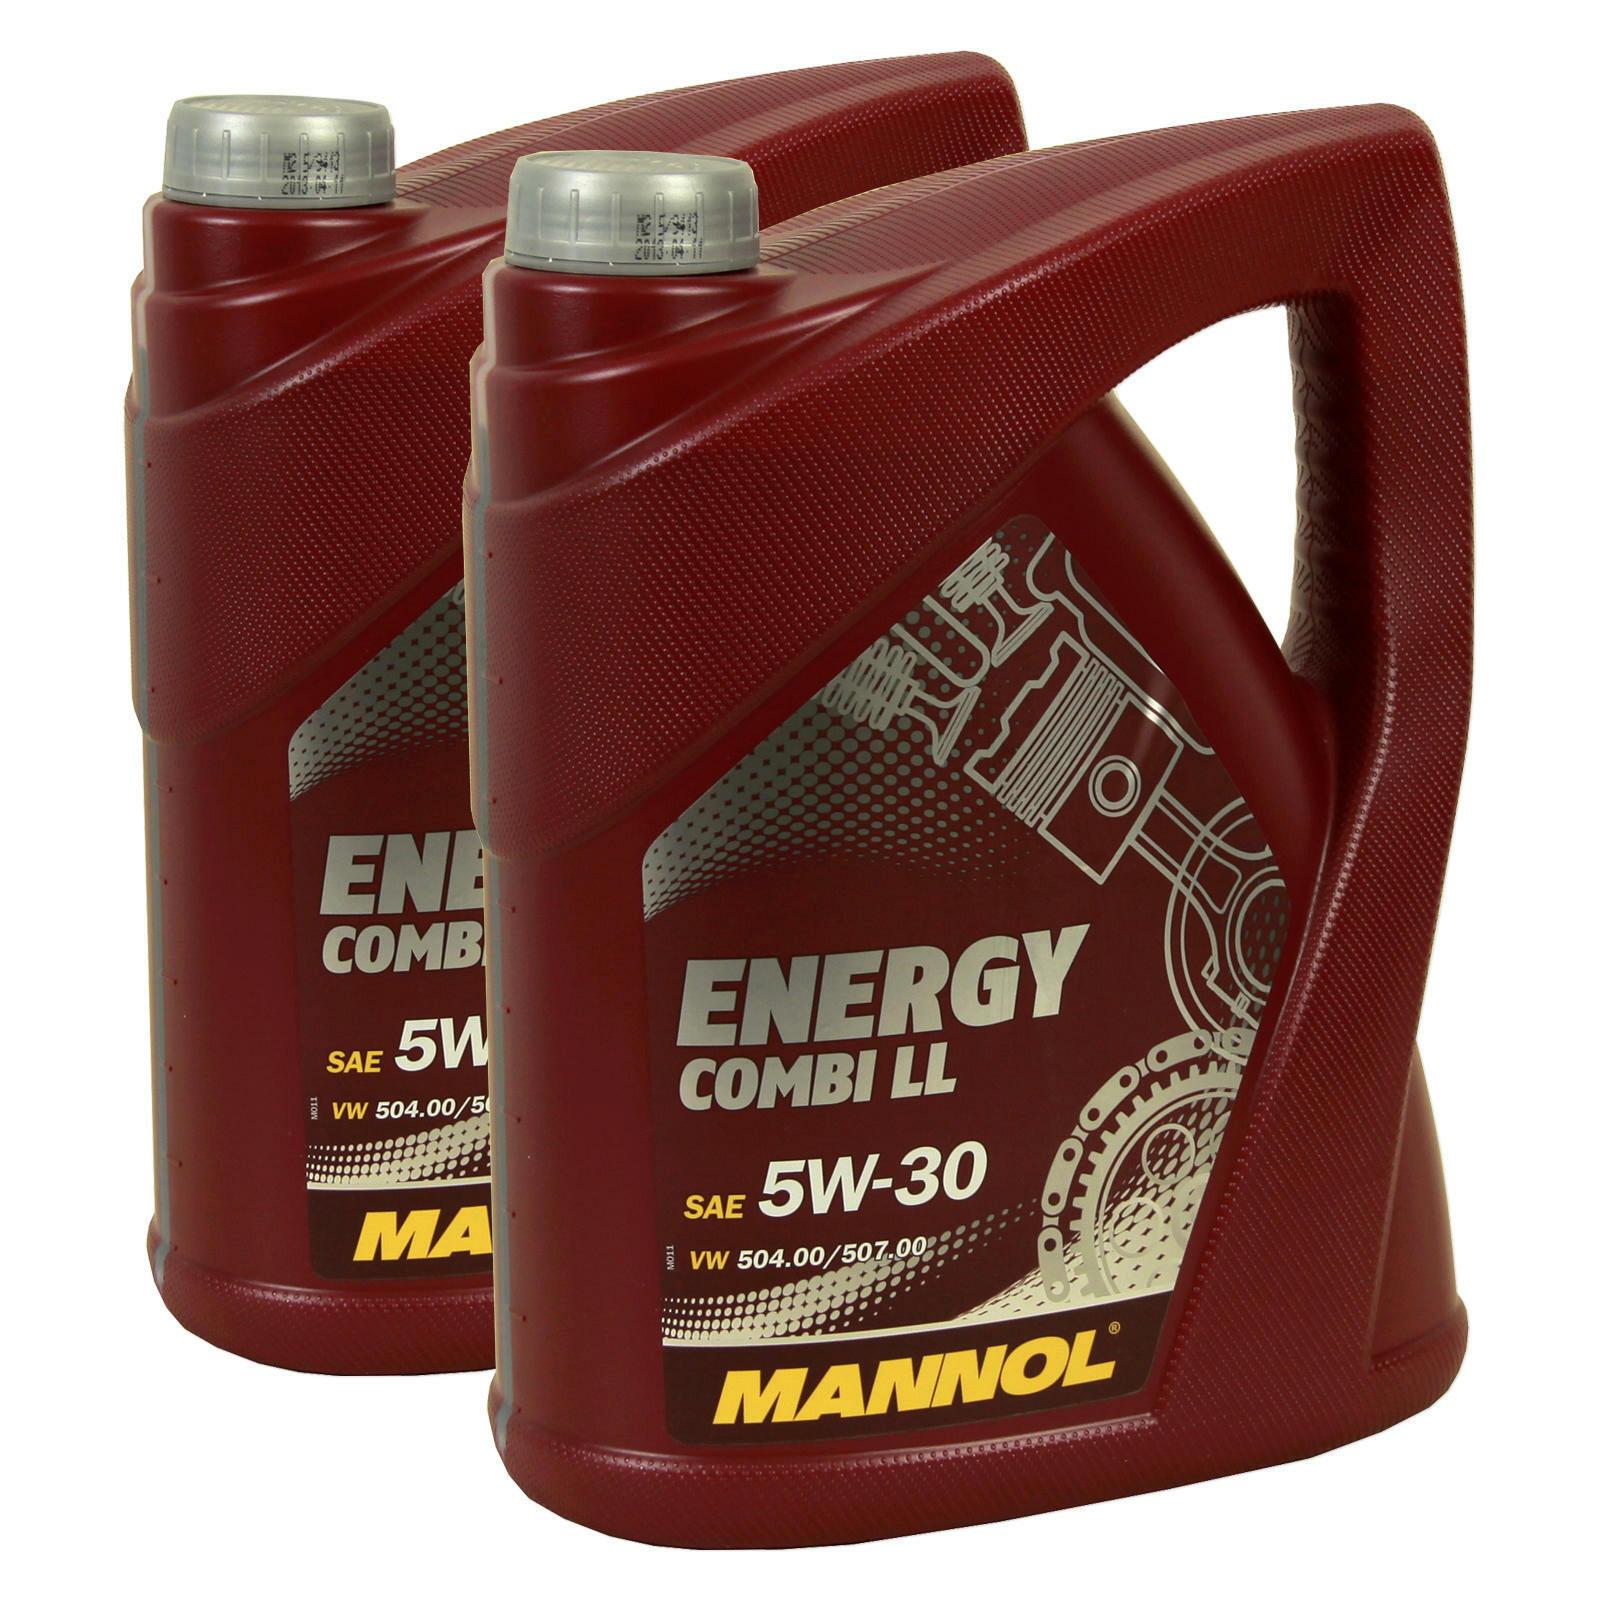 2x 5 Liter MOTORÖL MANNOL ENERGY COMBI LL 5W-30 88888700500 für BMW MB VW